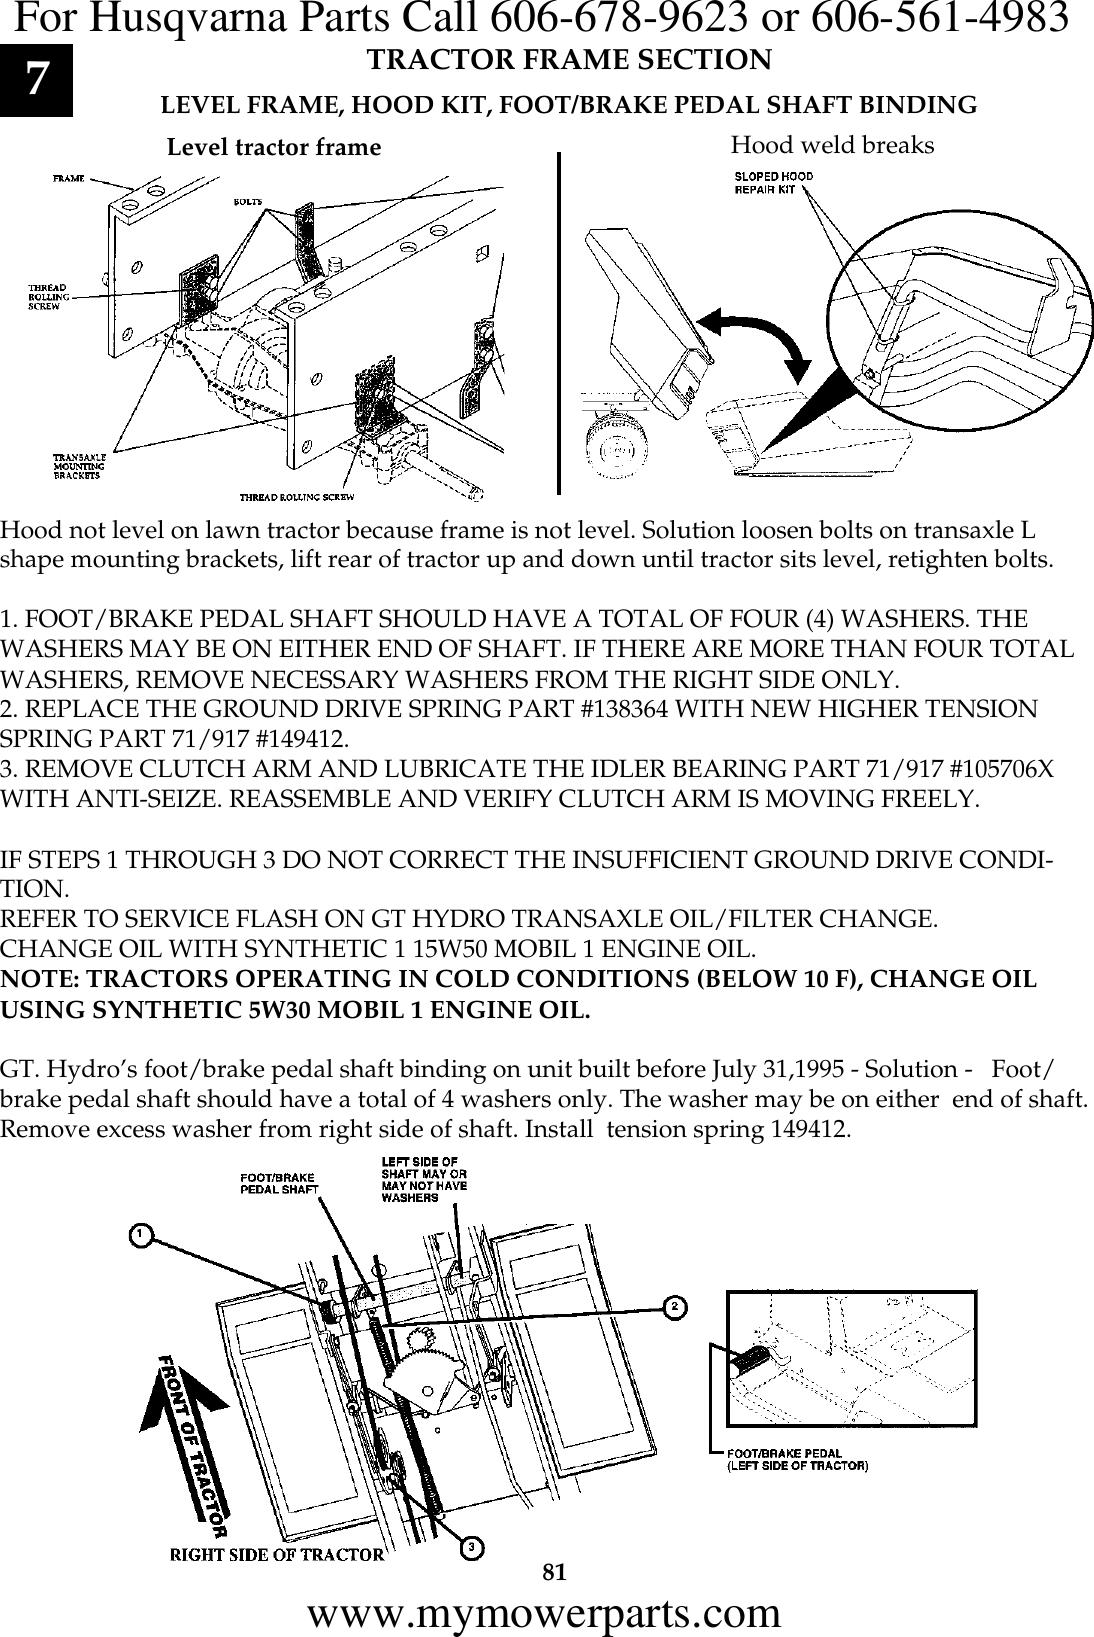 Workshop Manual, EHP/ FHP Lawn & Garden Service, 1999 09